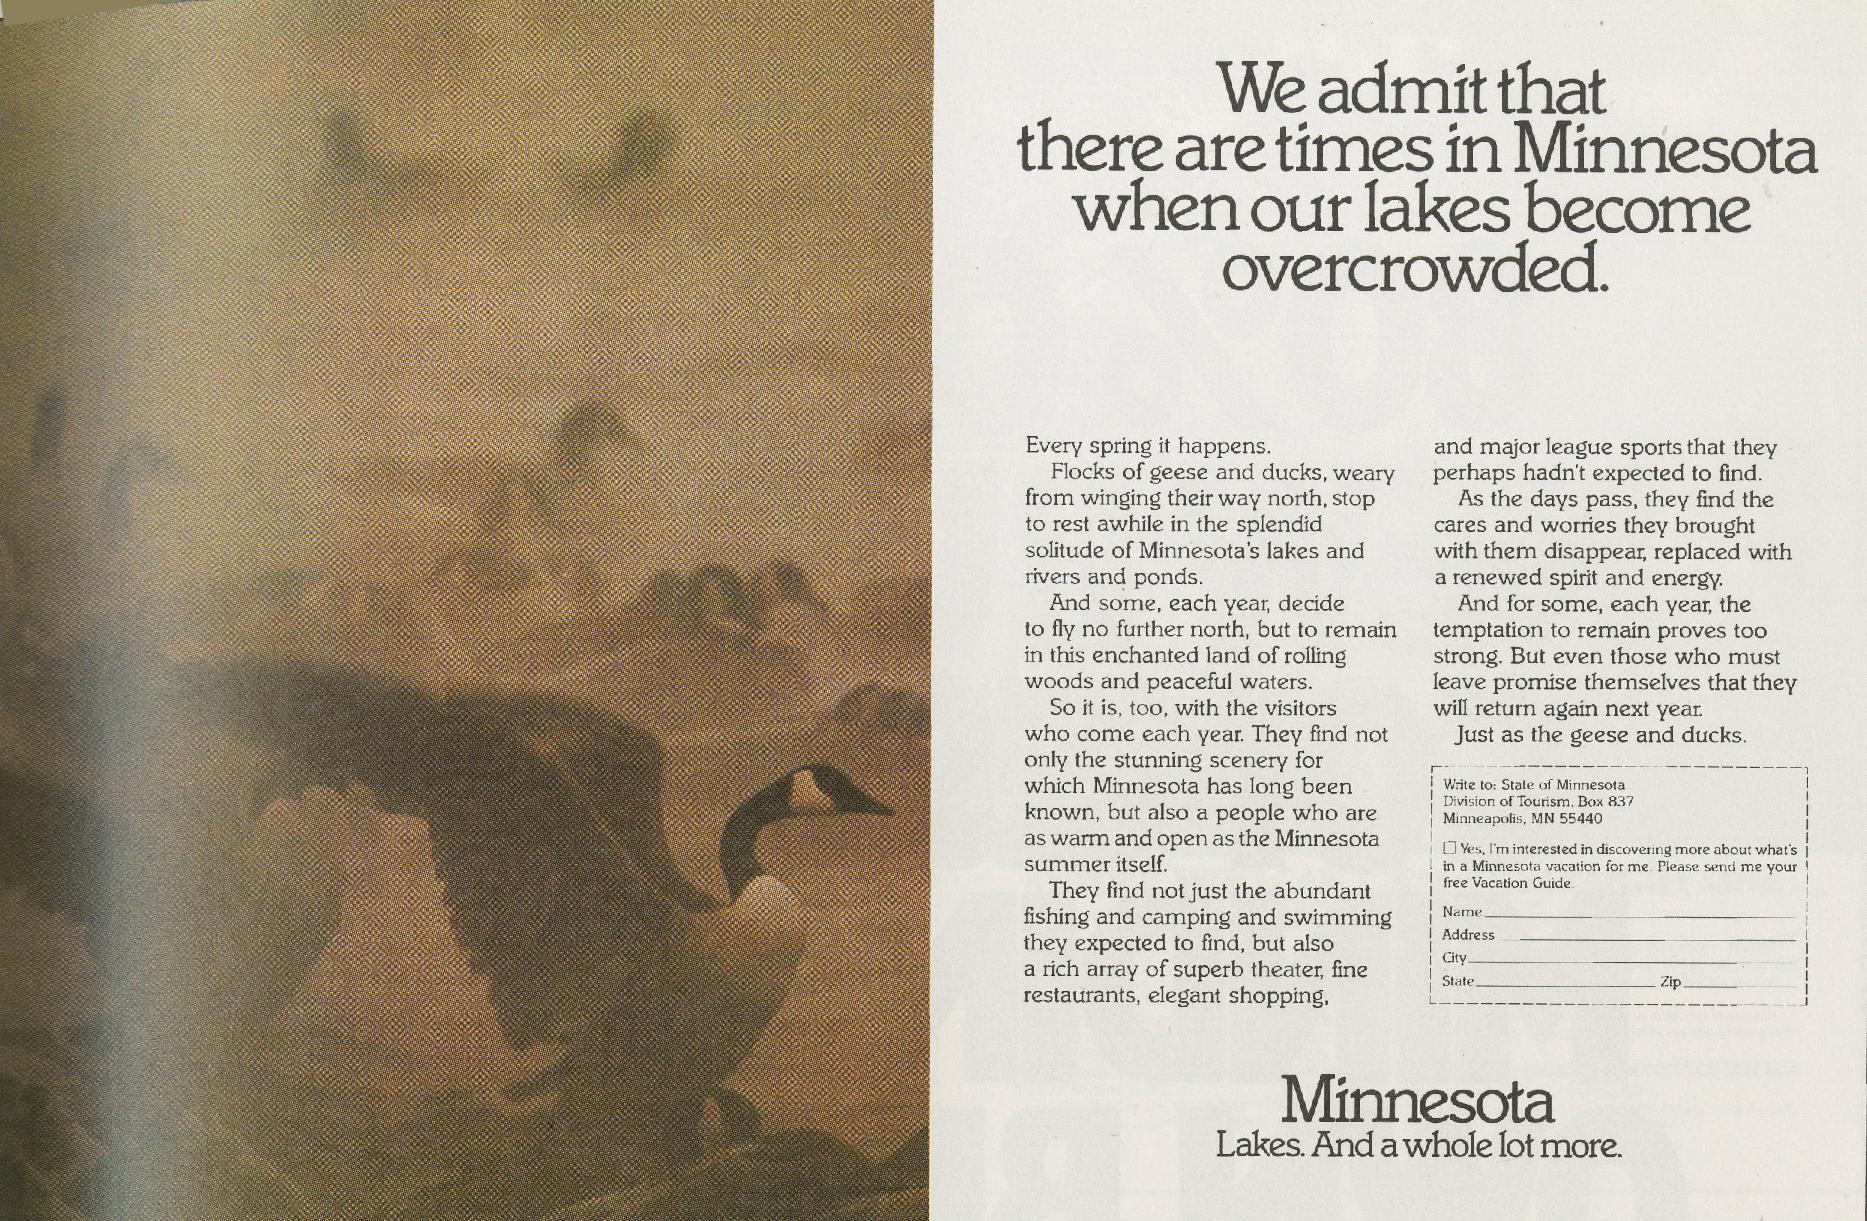 Tom McElligott, 'Crowded' - Minnesota.Nancy Rice-01